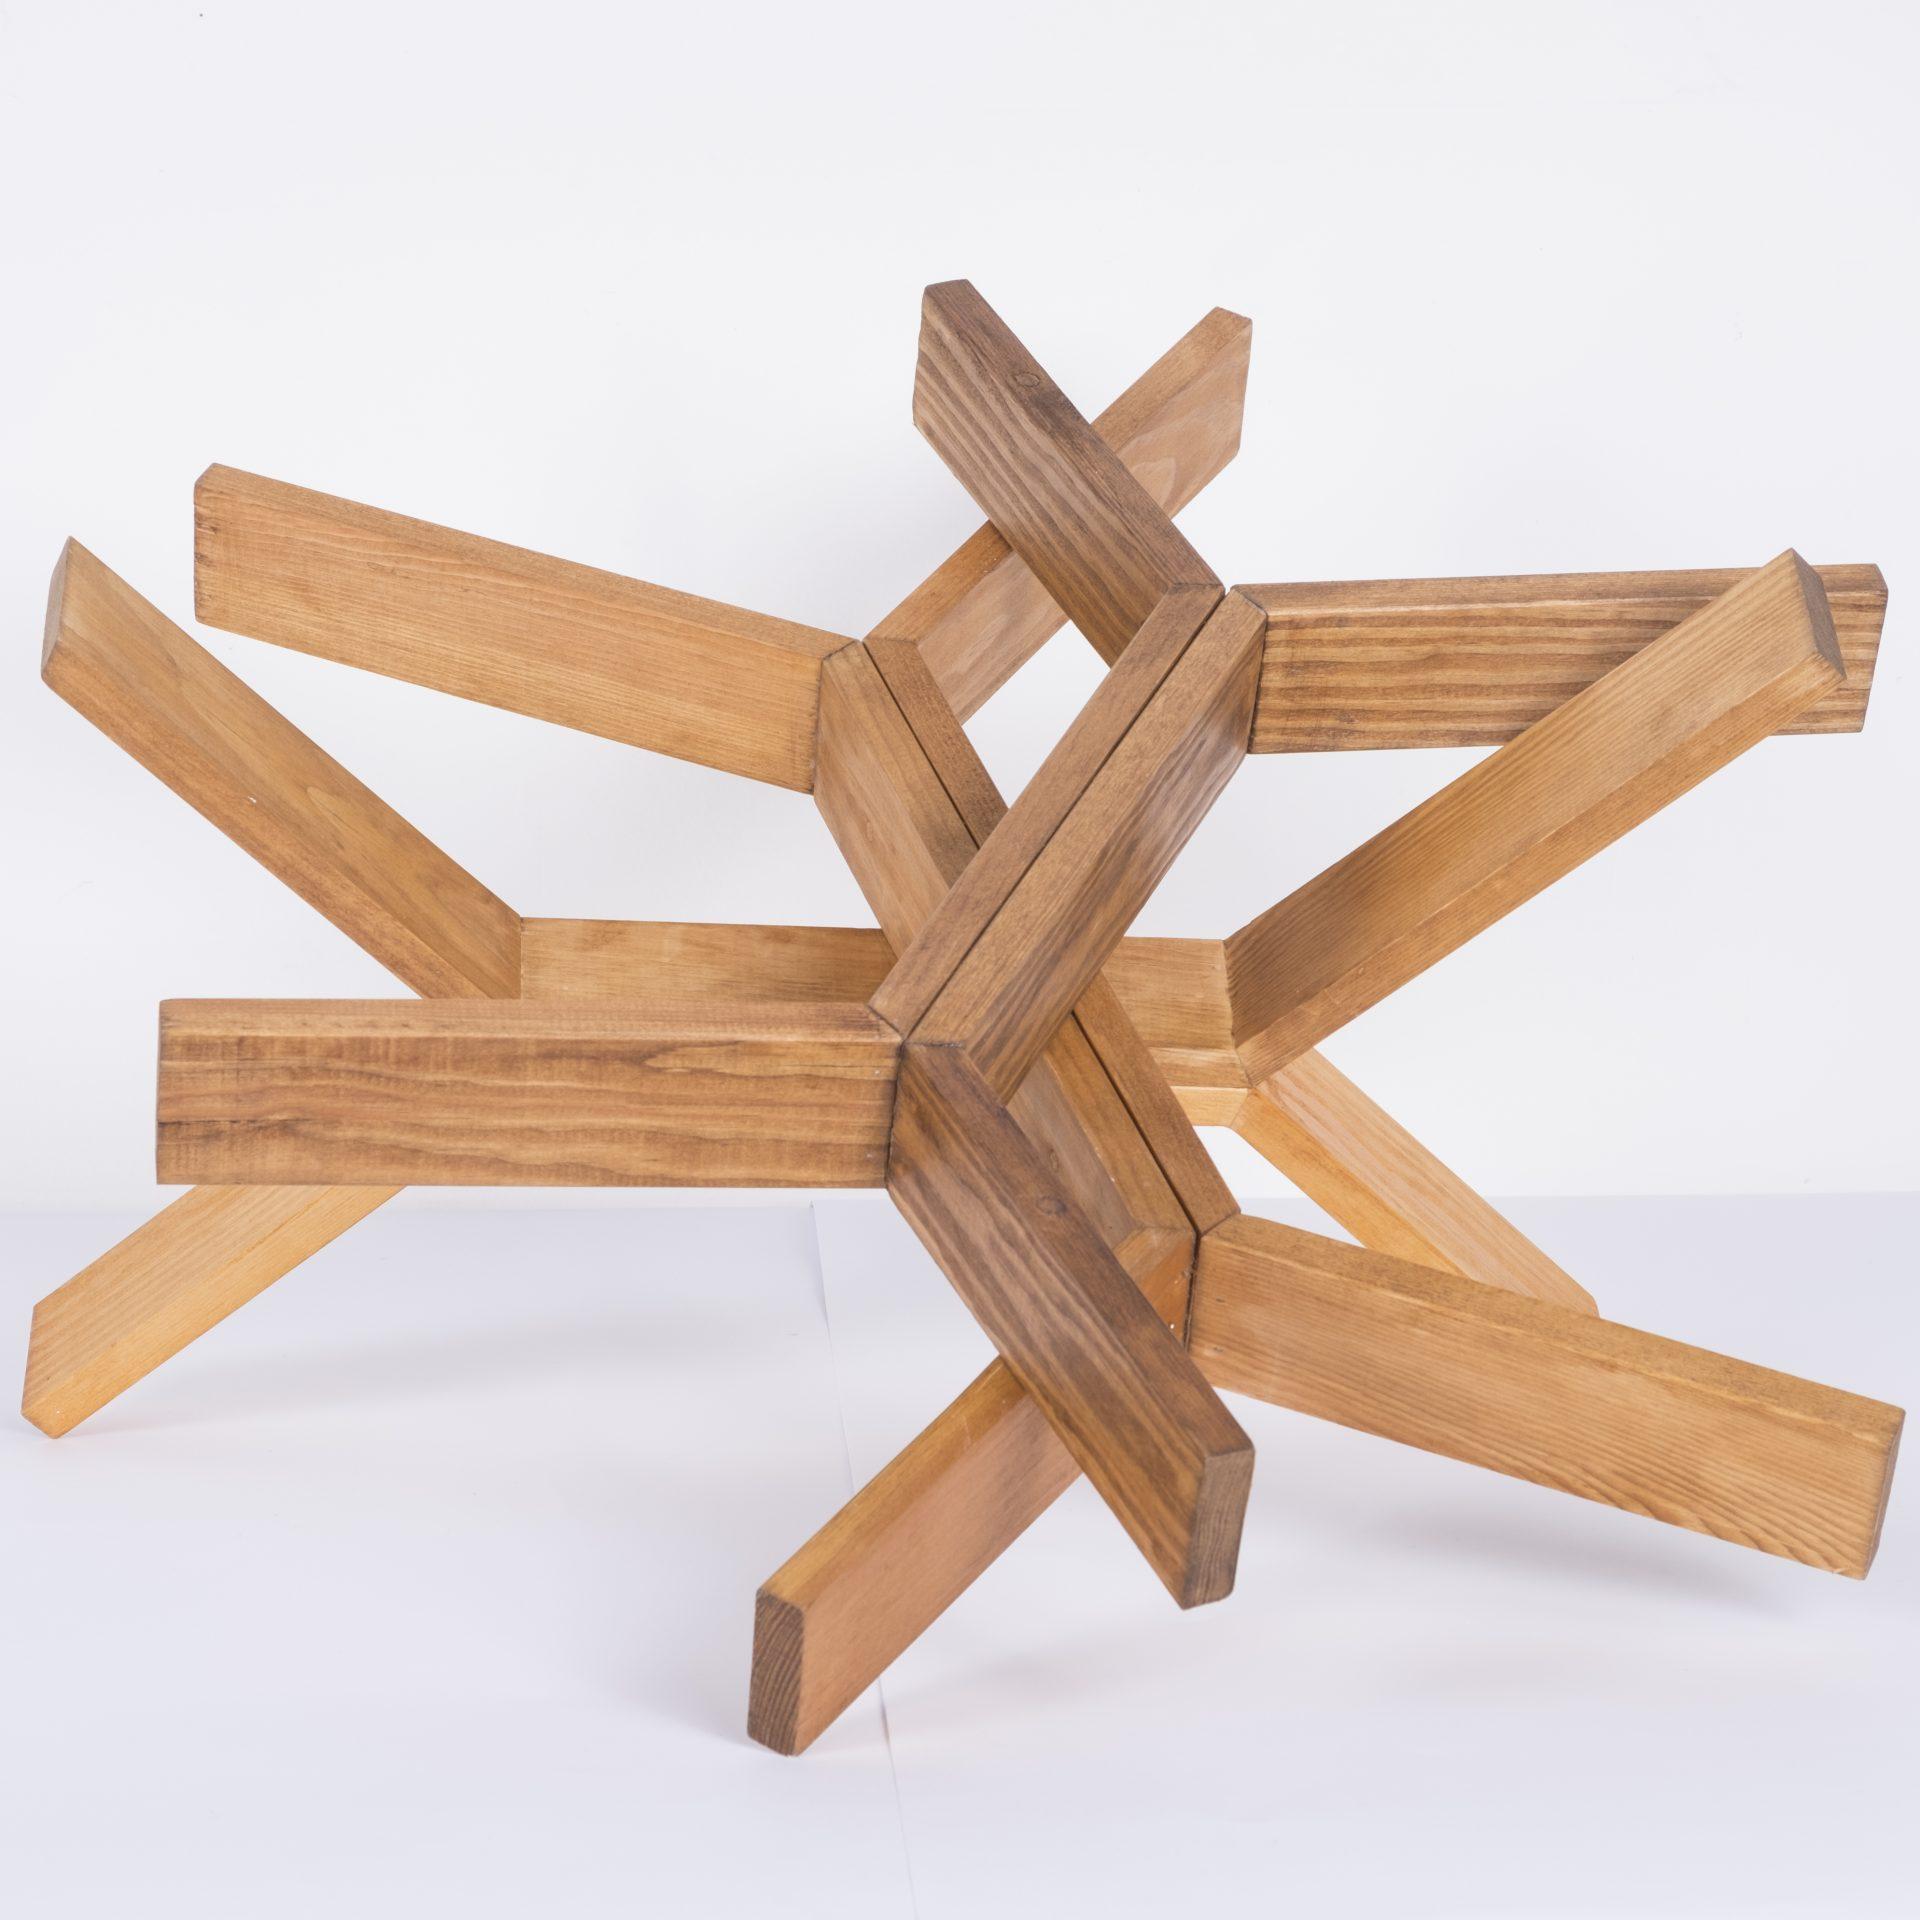 Unlimited in Dynamo<br>RMR19<br>misure: circa 50 x 50 cm<br>tecnica: legno <br>anno: 2018<br><br>DISPONIBILE